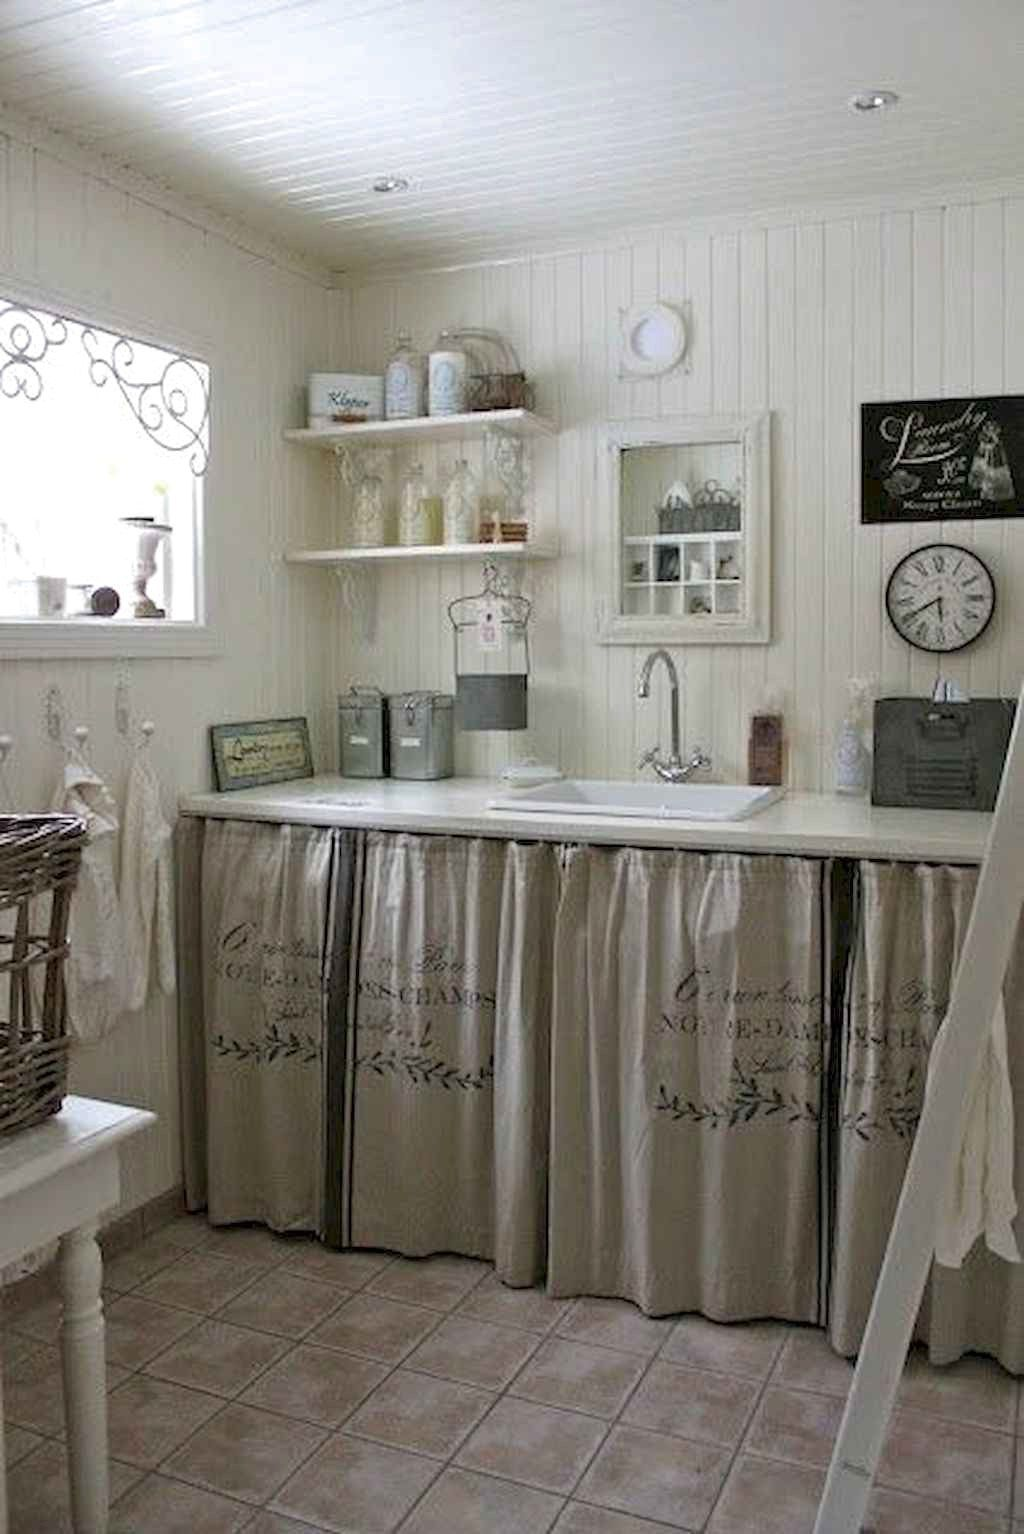 66 Favourite Farmhouse Kitchen Curtains Decor Ideas #farmhousekitchencountertops